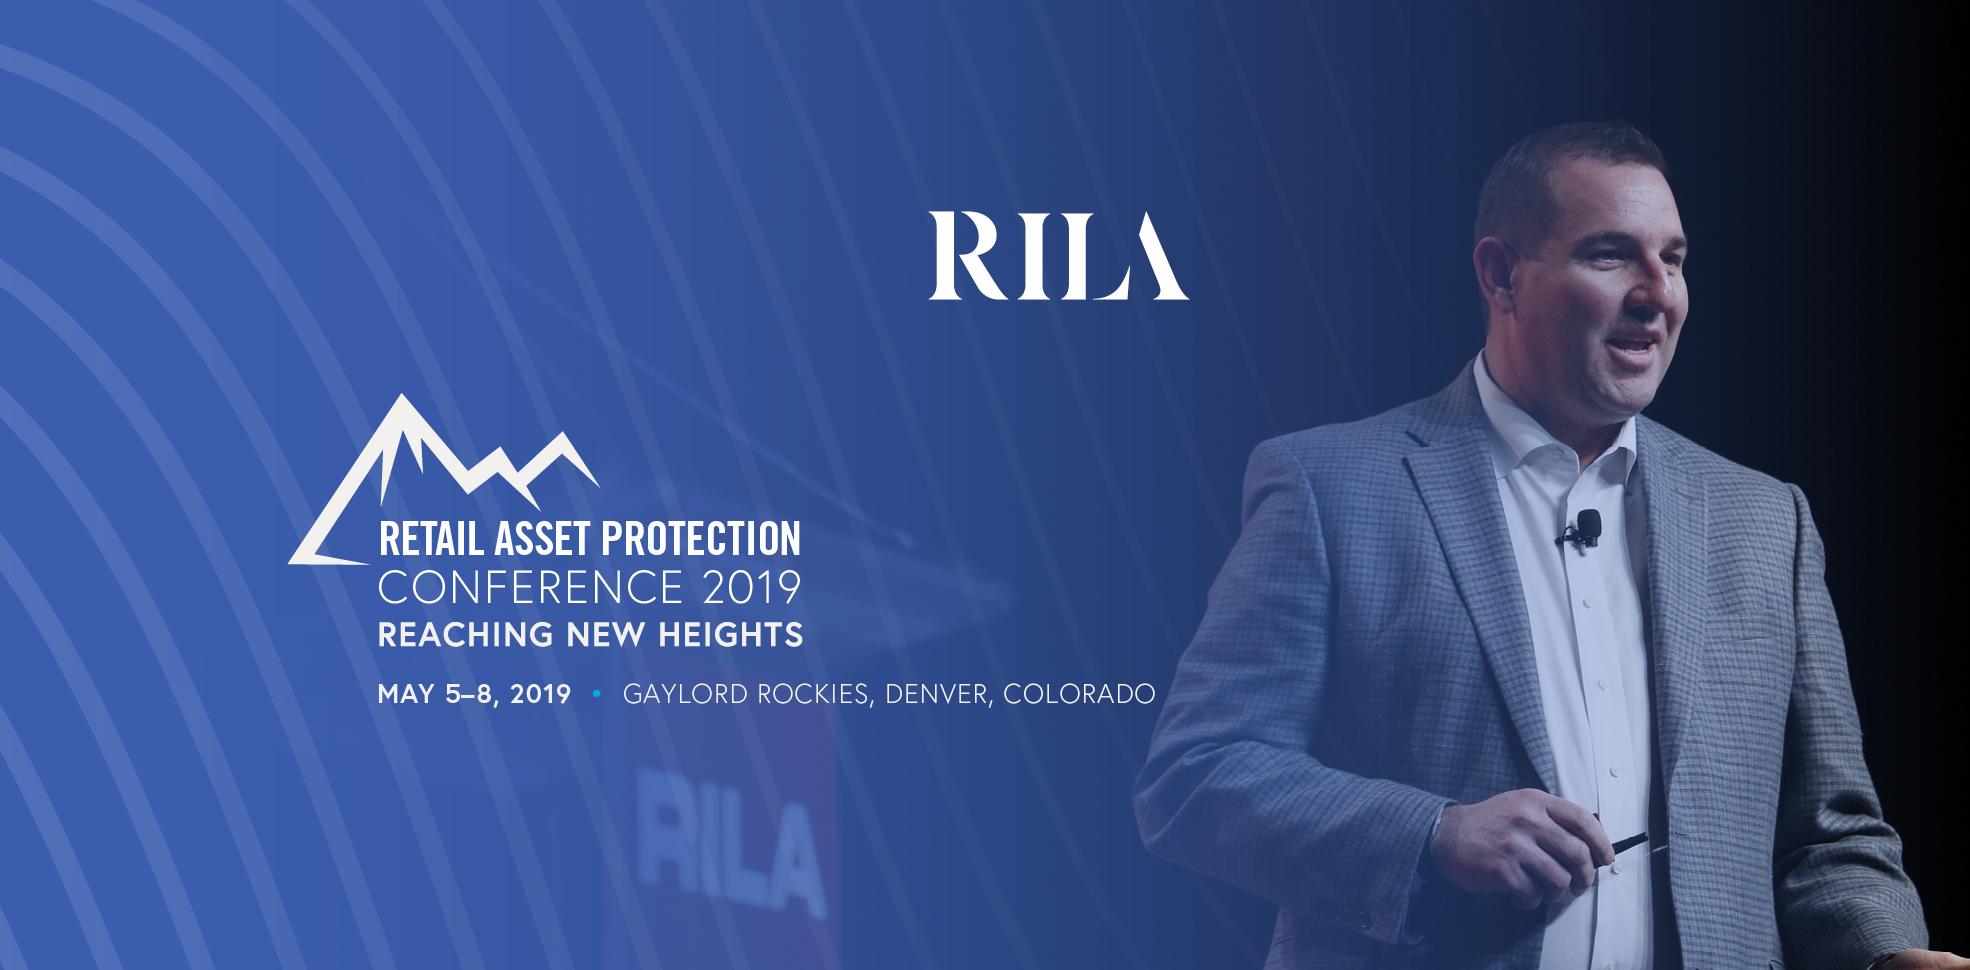 RILA 2019